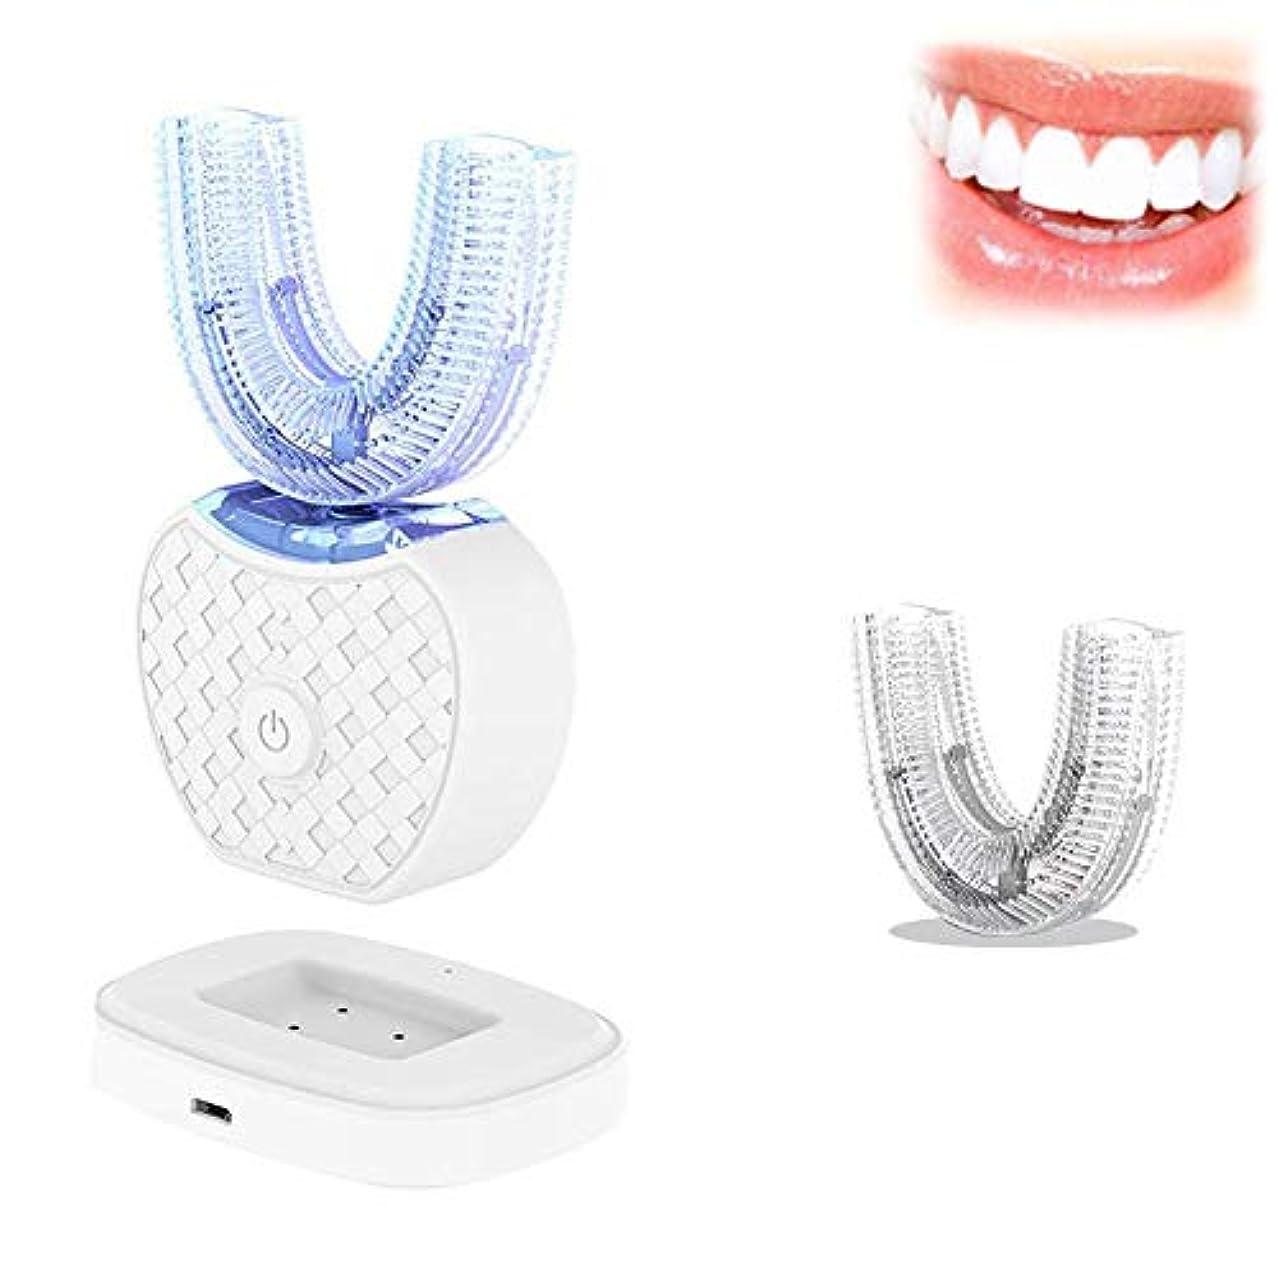 前進エキスパートスパン電動歯ブラシフルオートマチック360°超音波ホワイトニングU型マウスクリーナー充電式ワイヤレスポータブルLEDランプFDA / IPX7 (Color : White)